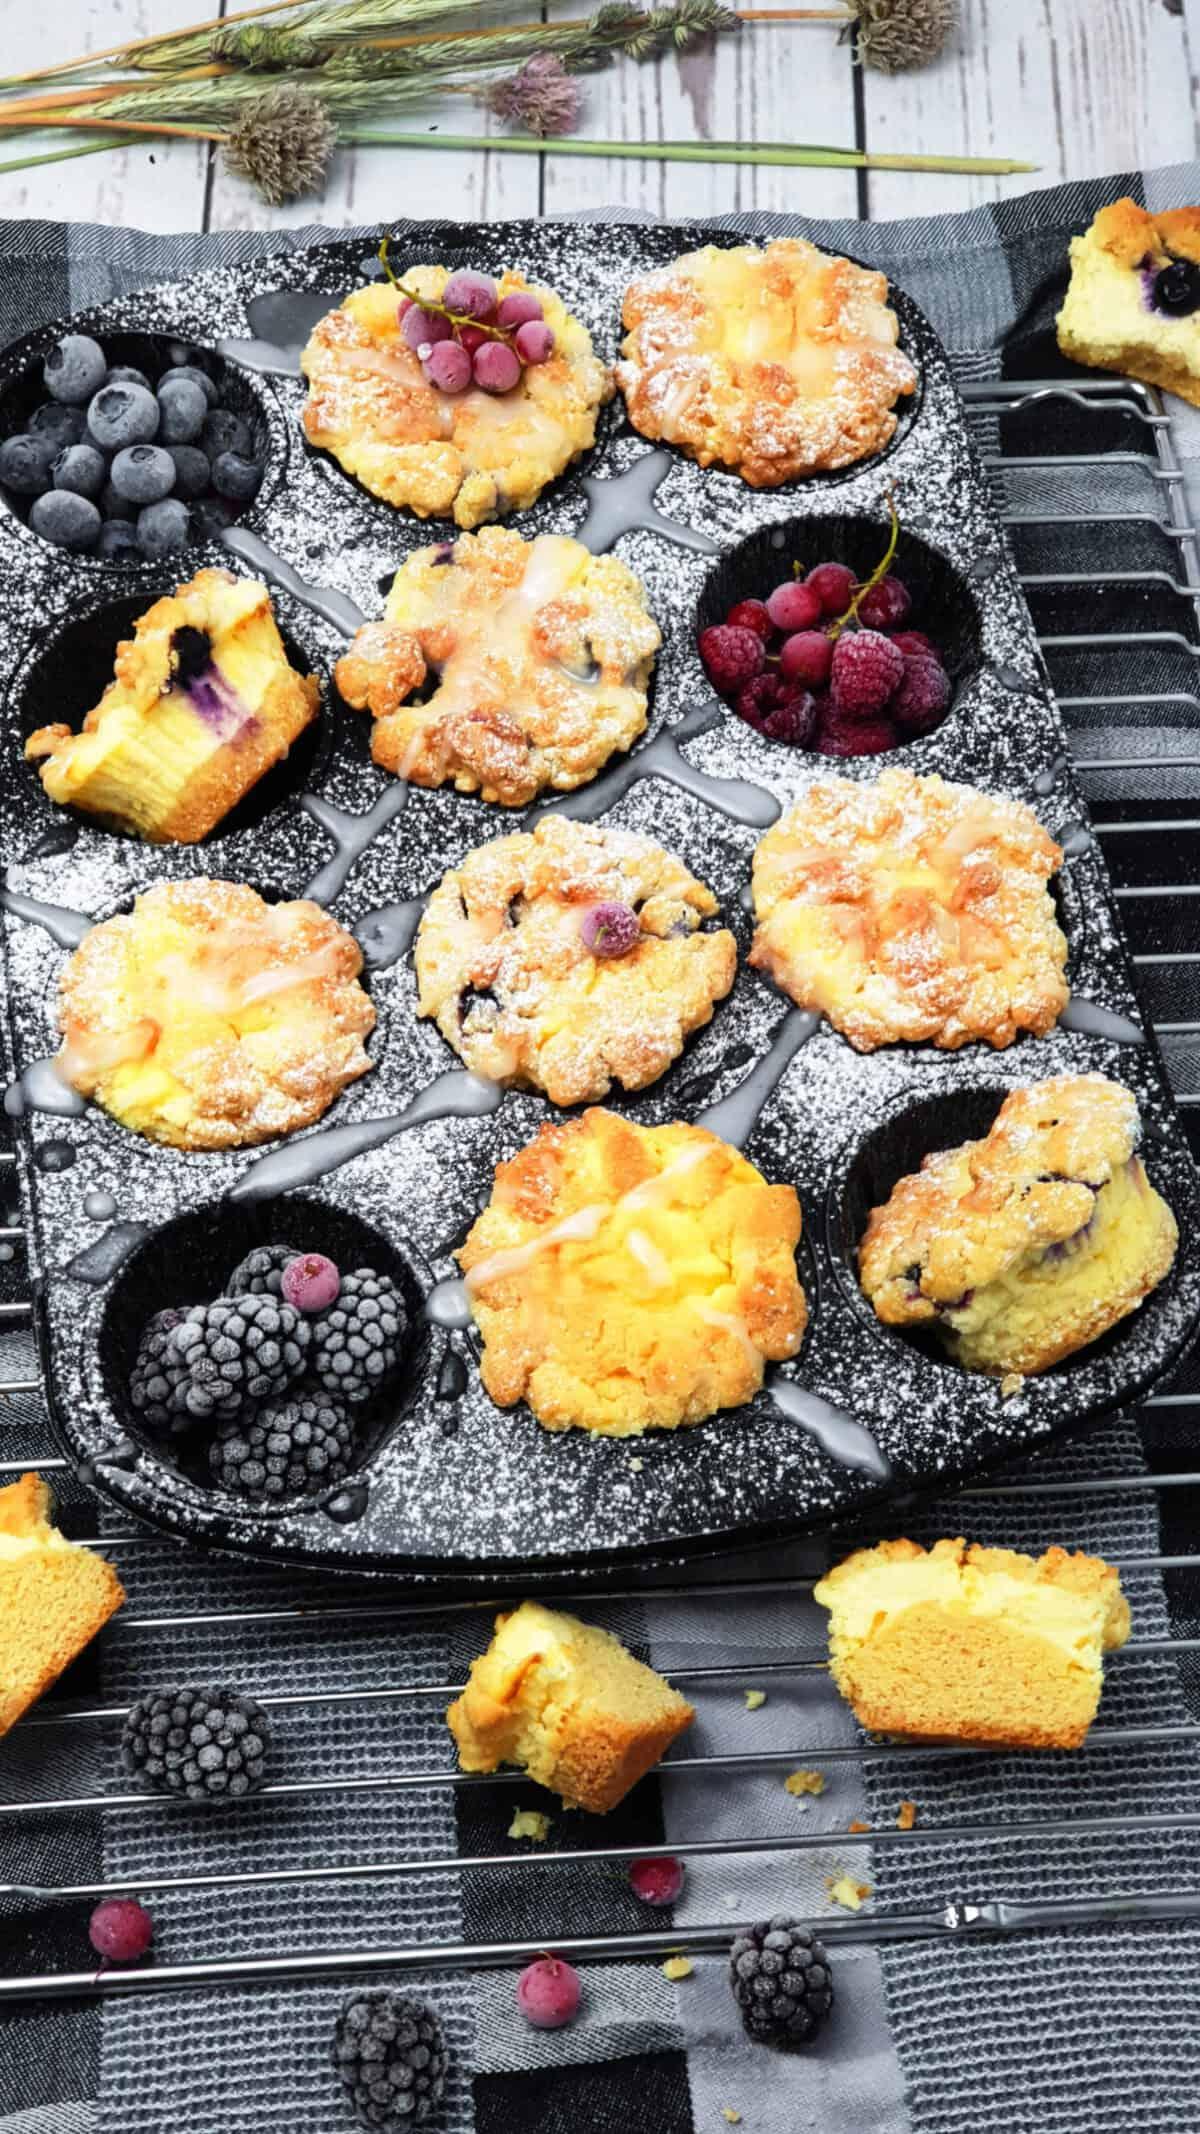 In einer Muffinform Cheesecake Muffins mit Heidelbeeren. Dekorativ angerichtet und fotografiert. Im Hintergrund Deko.